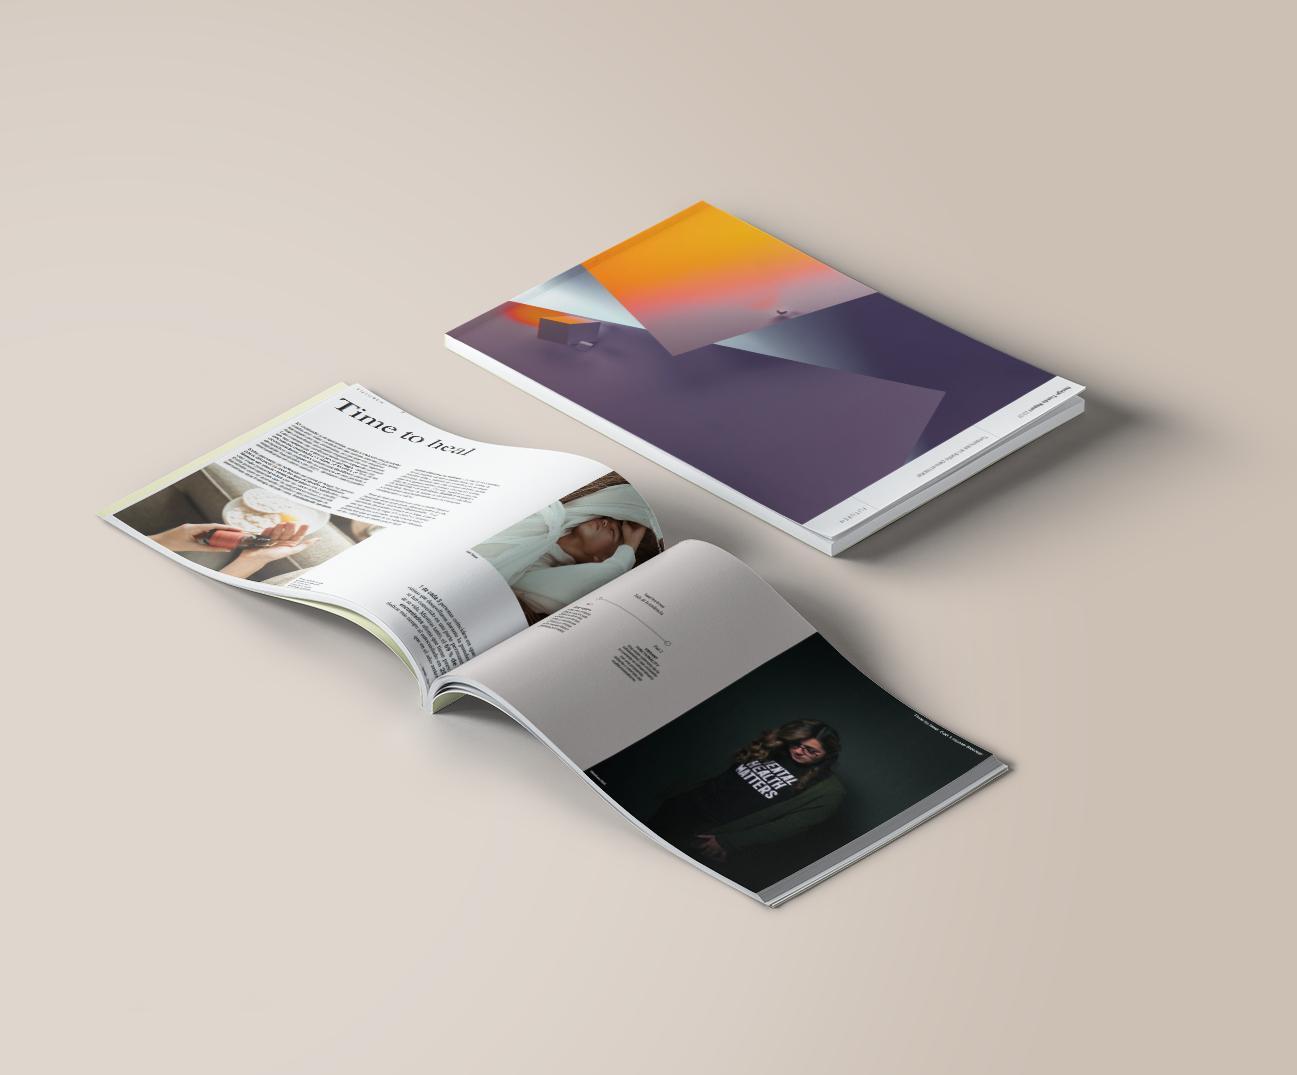 Design Trends 22/23